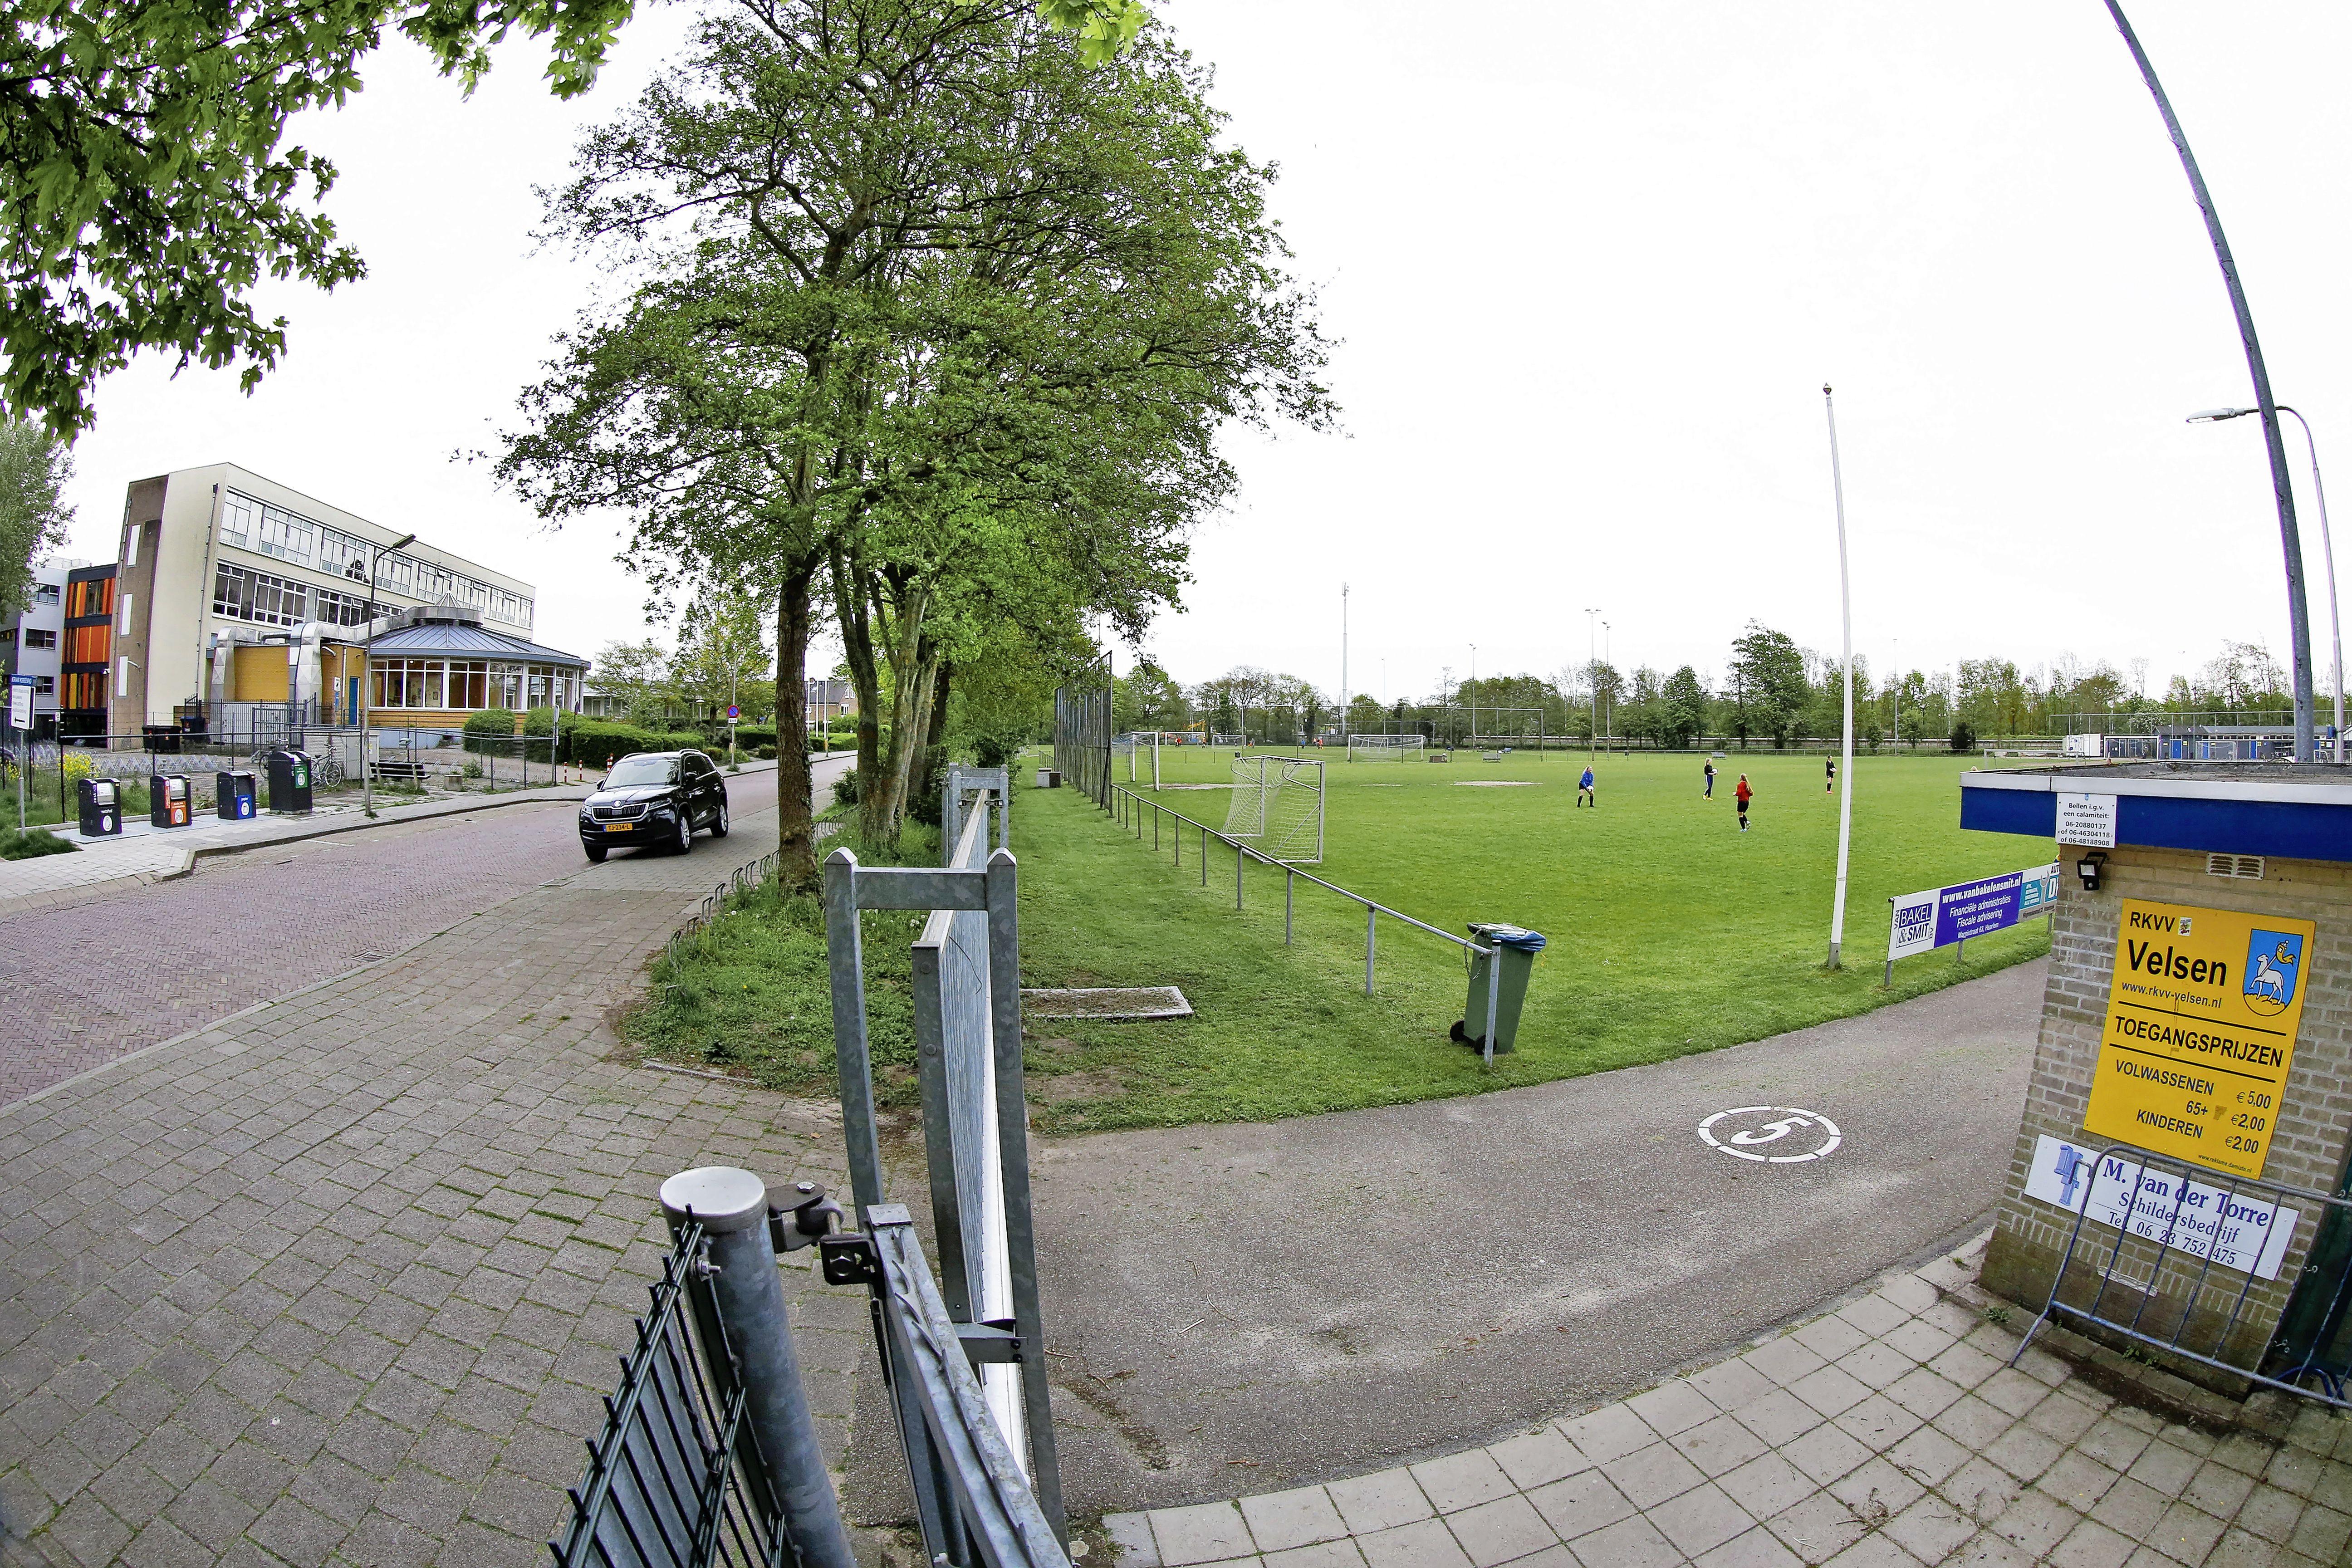 Verbazing over afblazen woningbouw op voetbalvelden RKVV Velsen: is de streep door de 2900 te bouwen woningen niet voorbarig?